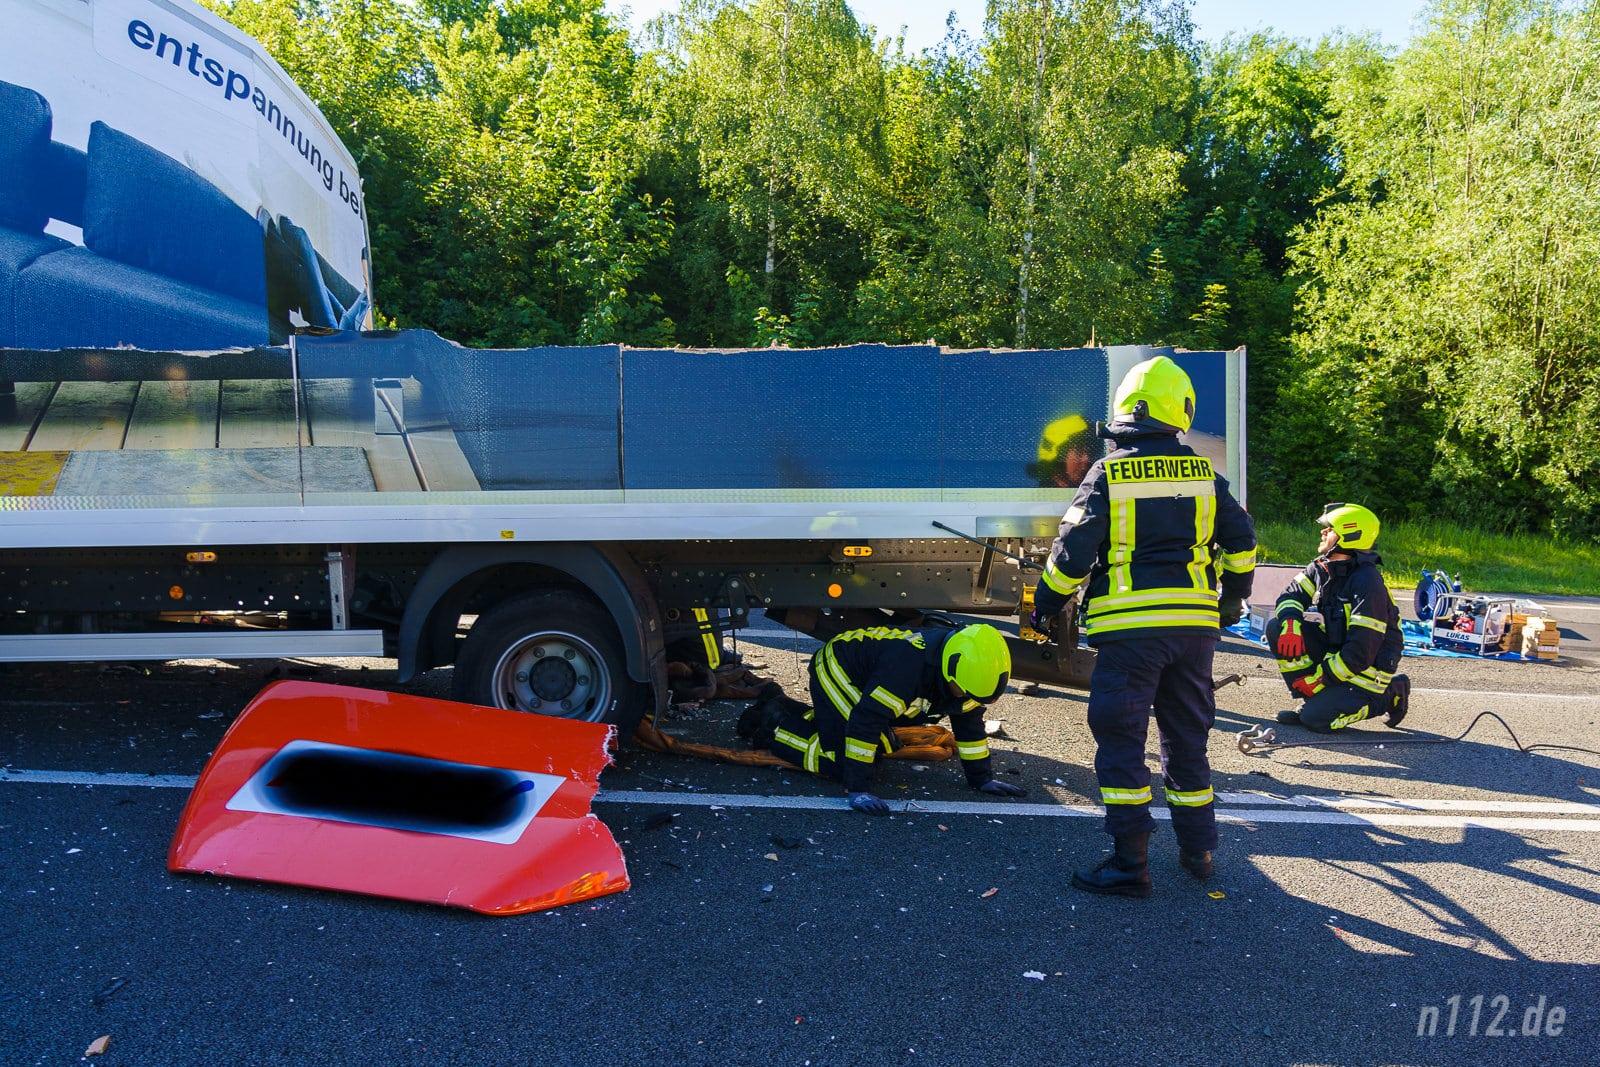 Der Kofferaufbau des Möbel-LKW wurde großflächig abgerissen (Foto: n112.de/Stefan Simonsen)